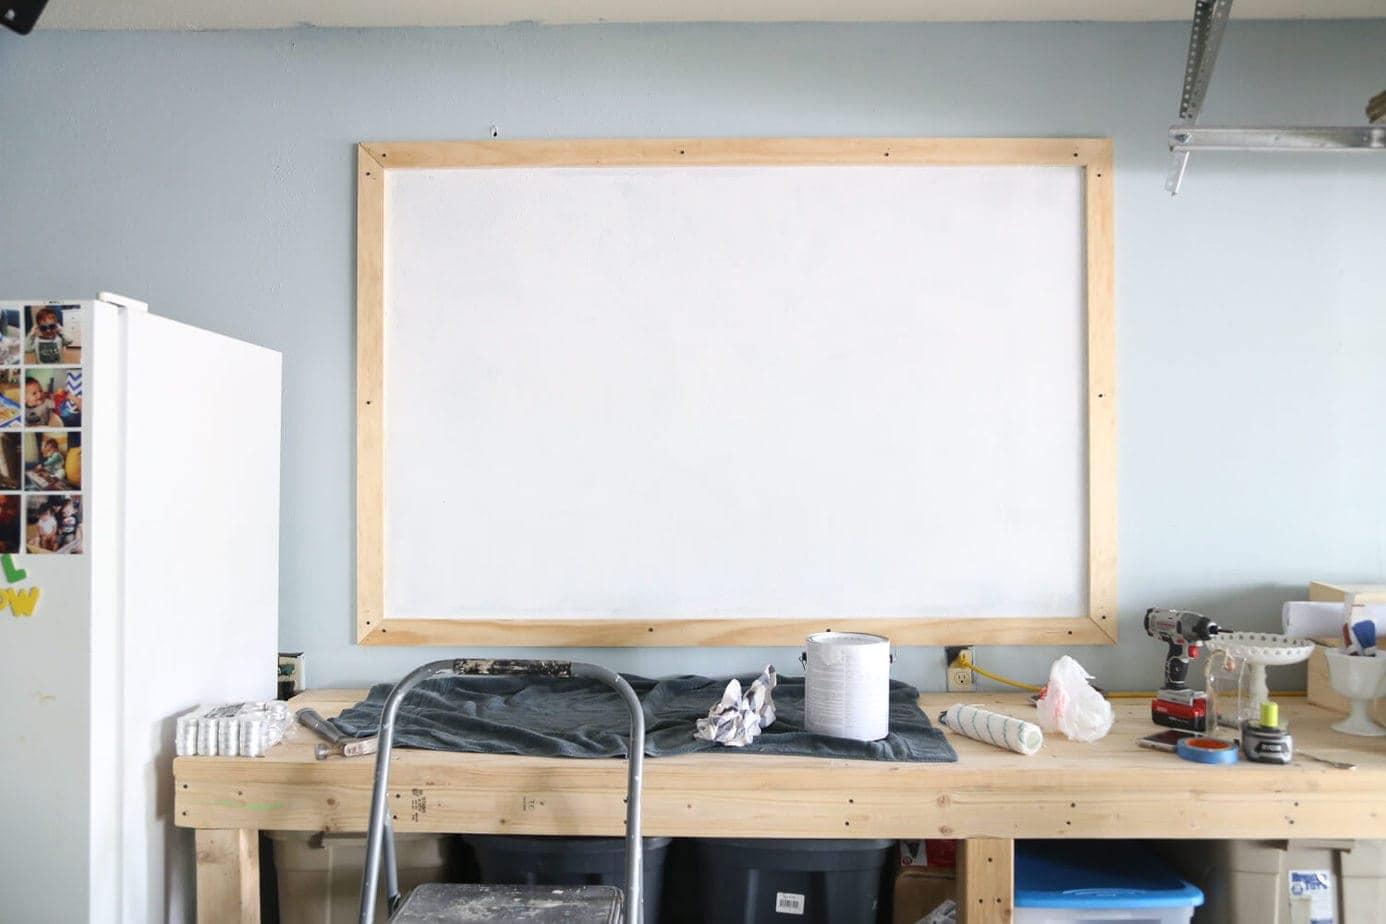 DIY chalkboard framed and primed